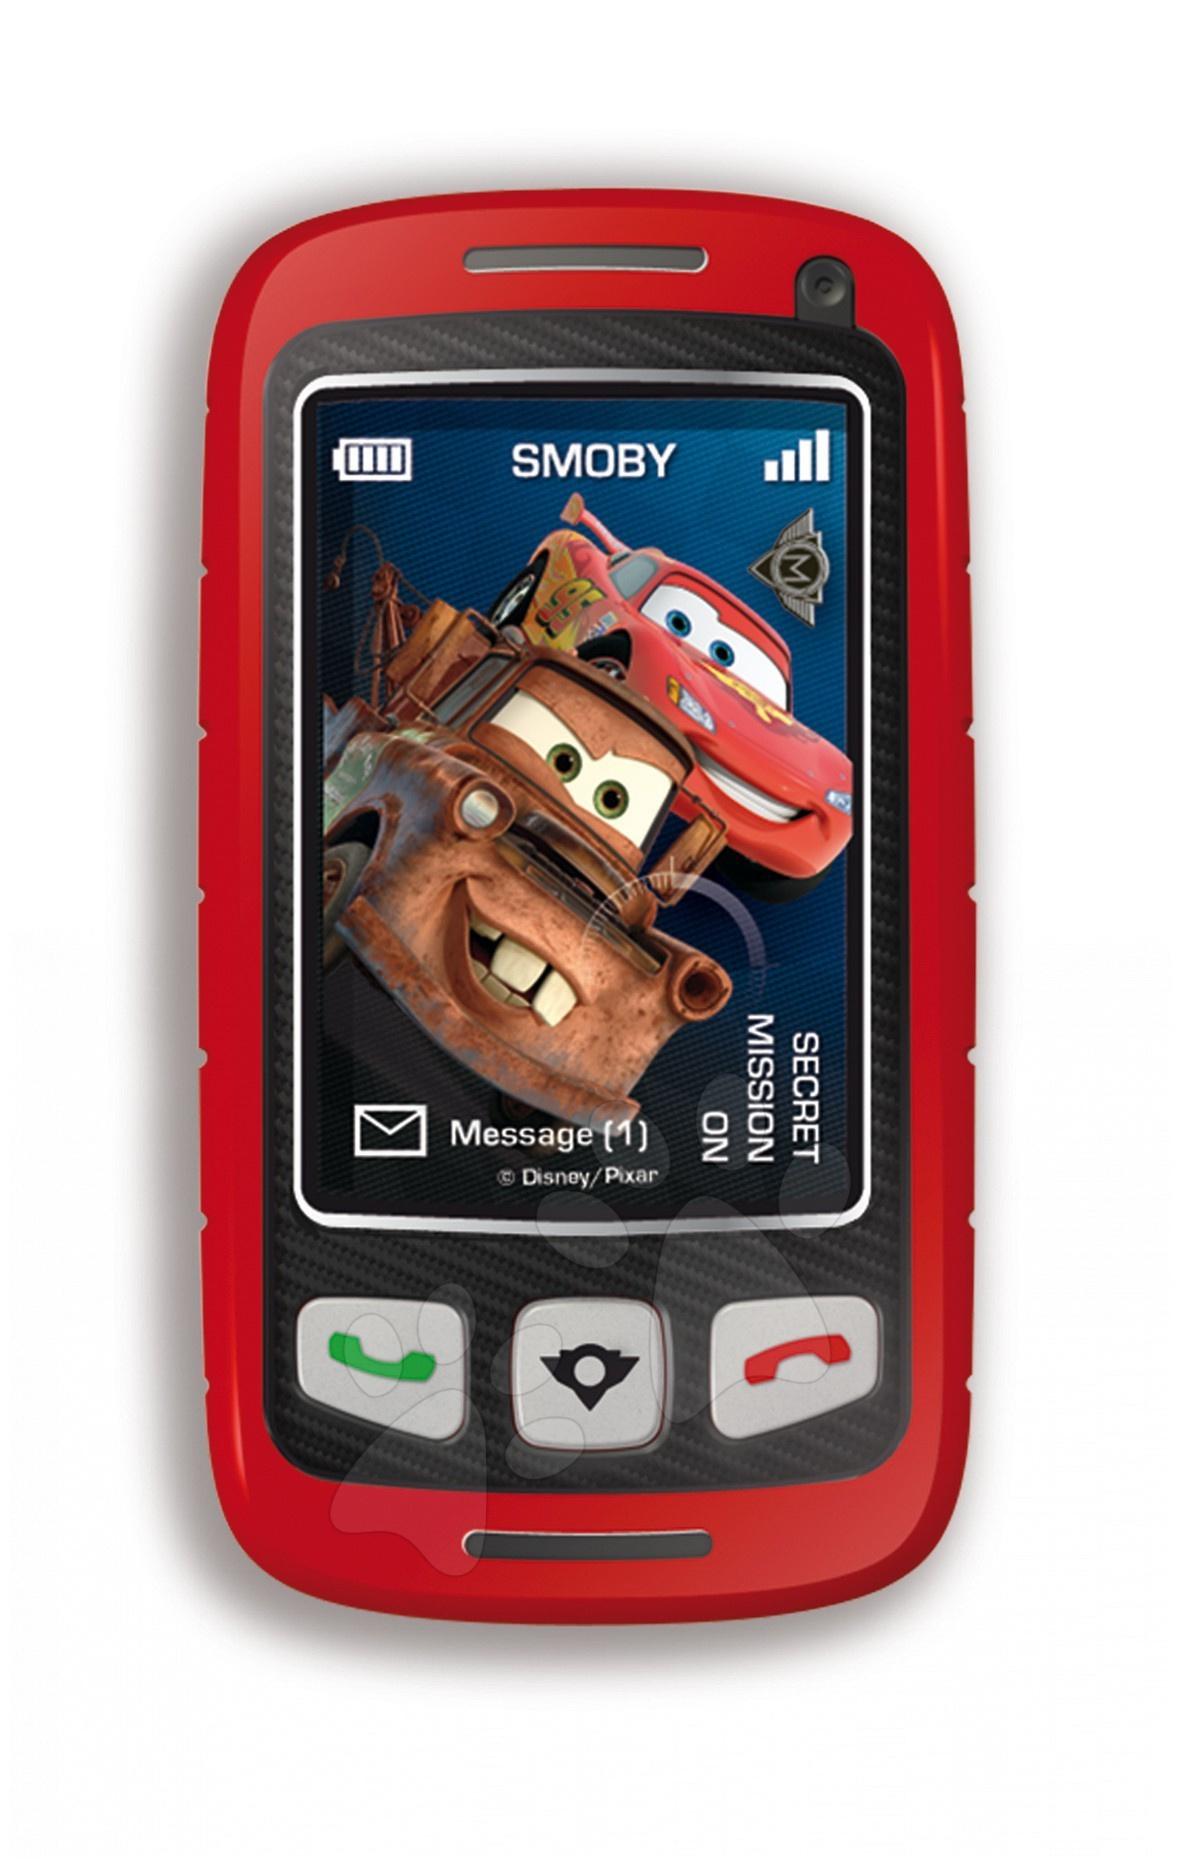 Staré položky - Cars Mobilní telefon Spy Phone Smoby elektrické